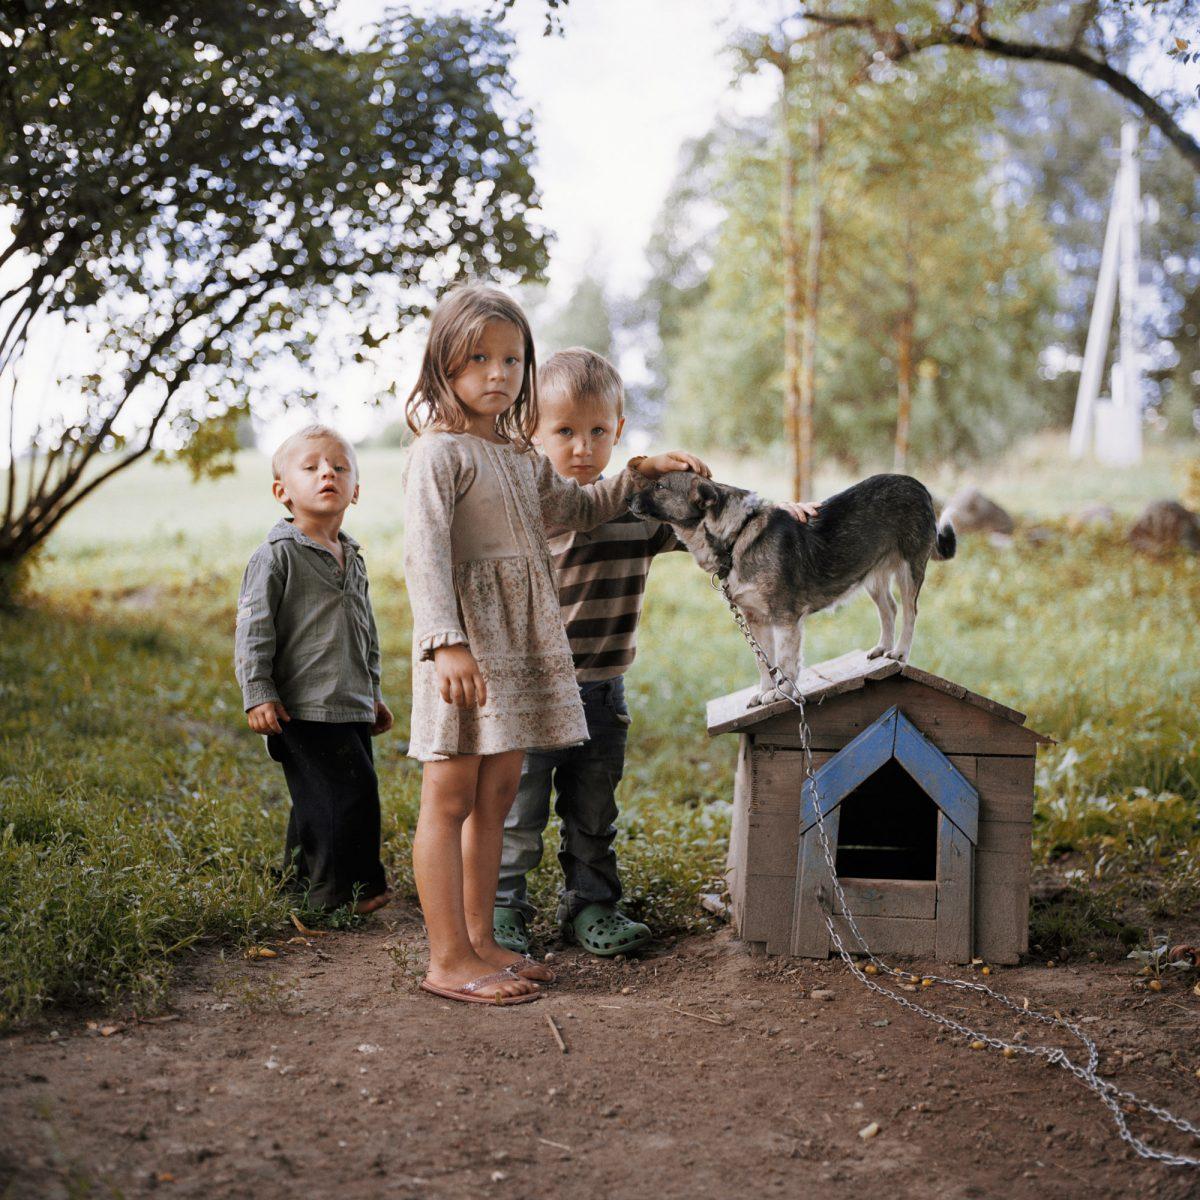 Photo couleur de Tadas Kazakevičius, de Soon to be Gone, enfants jouant avec un chien